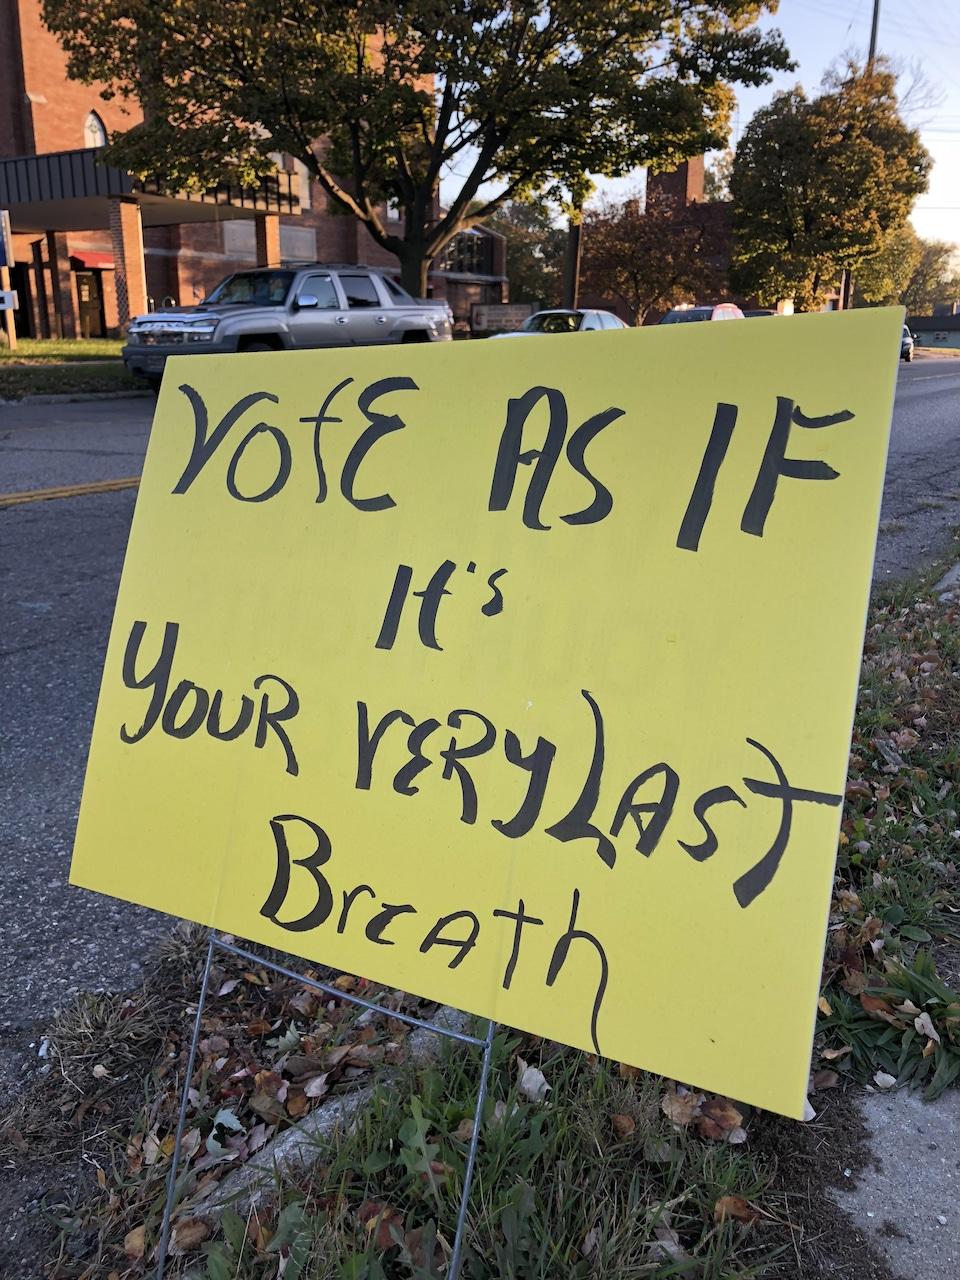 Une pancarte jaune invitant les gens à aller voter aux élections de mi-mandat.